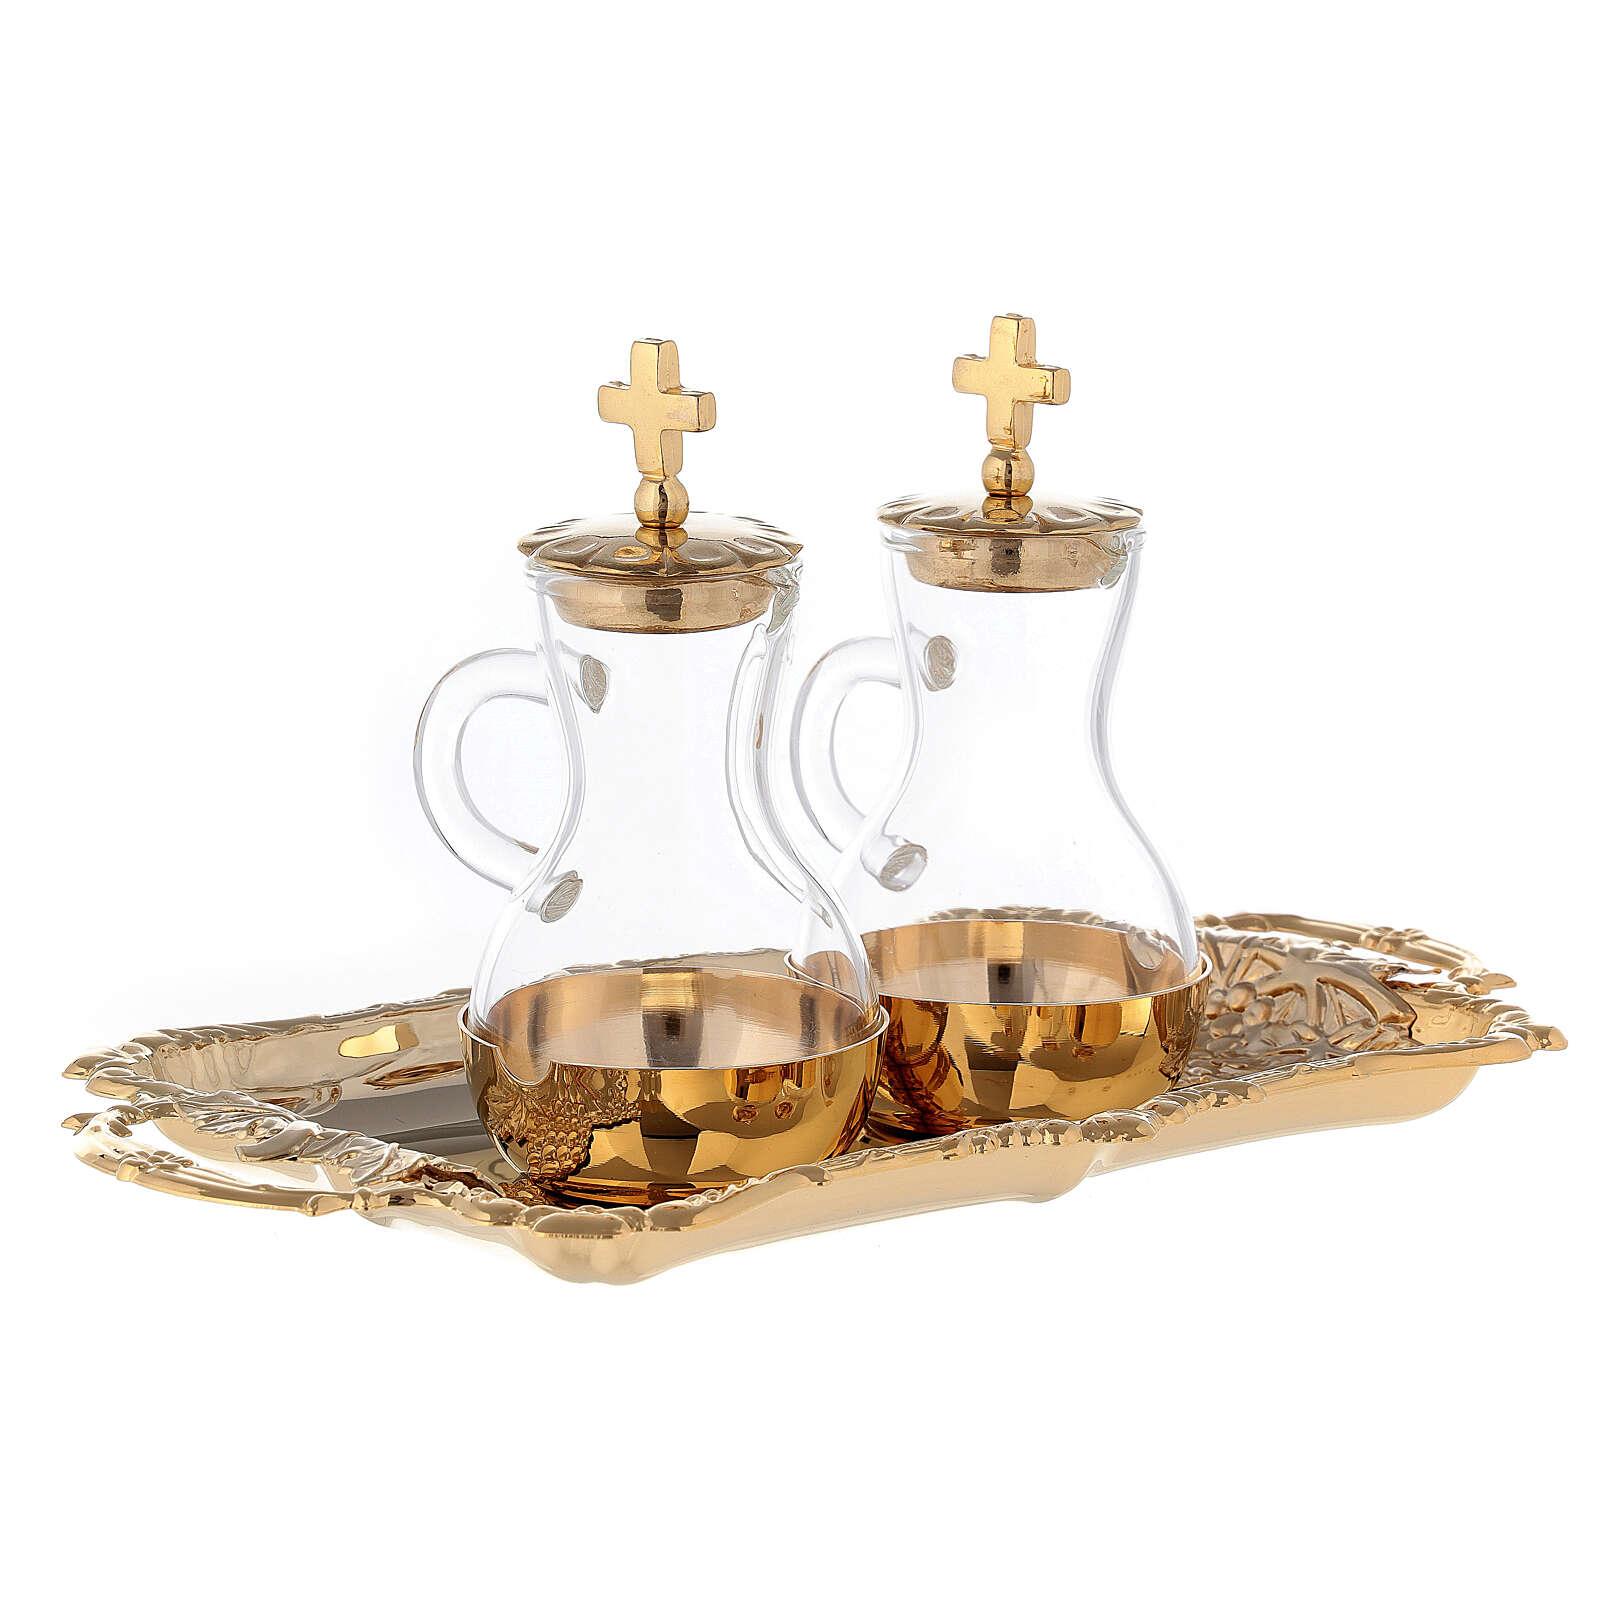 Servizio per acqua e vino ottone dorato 24k modello Parma 4